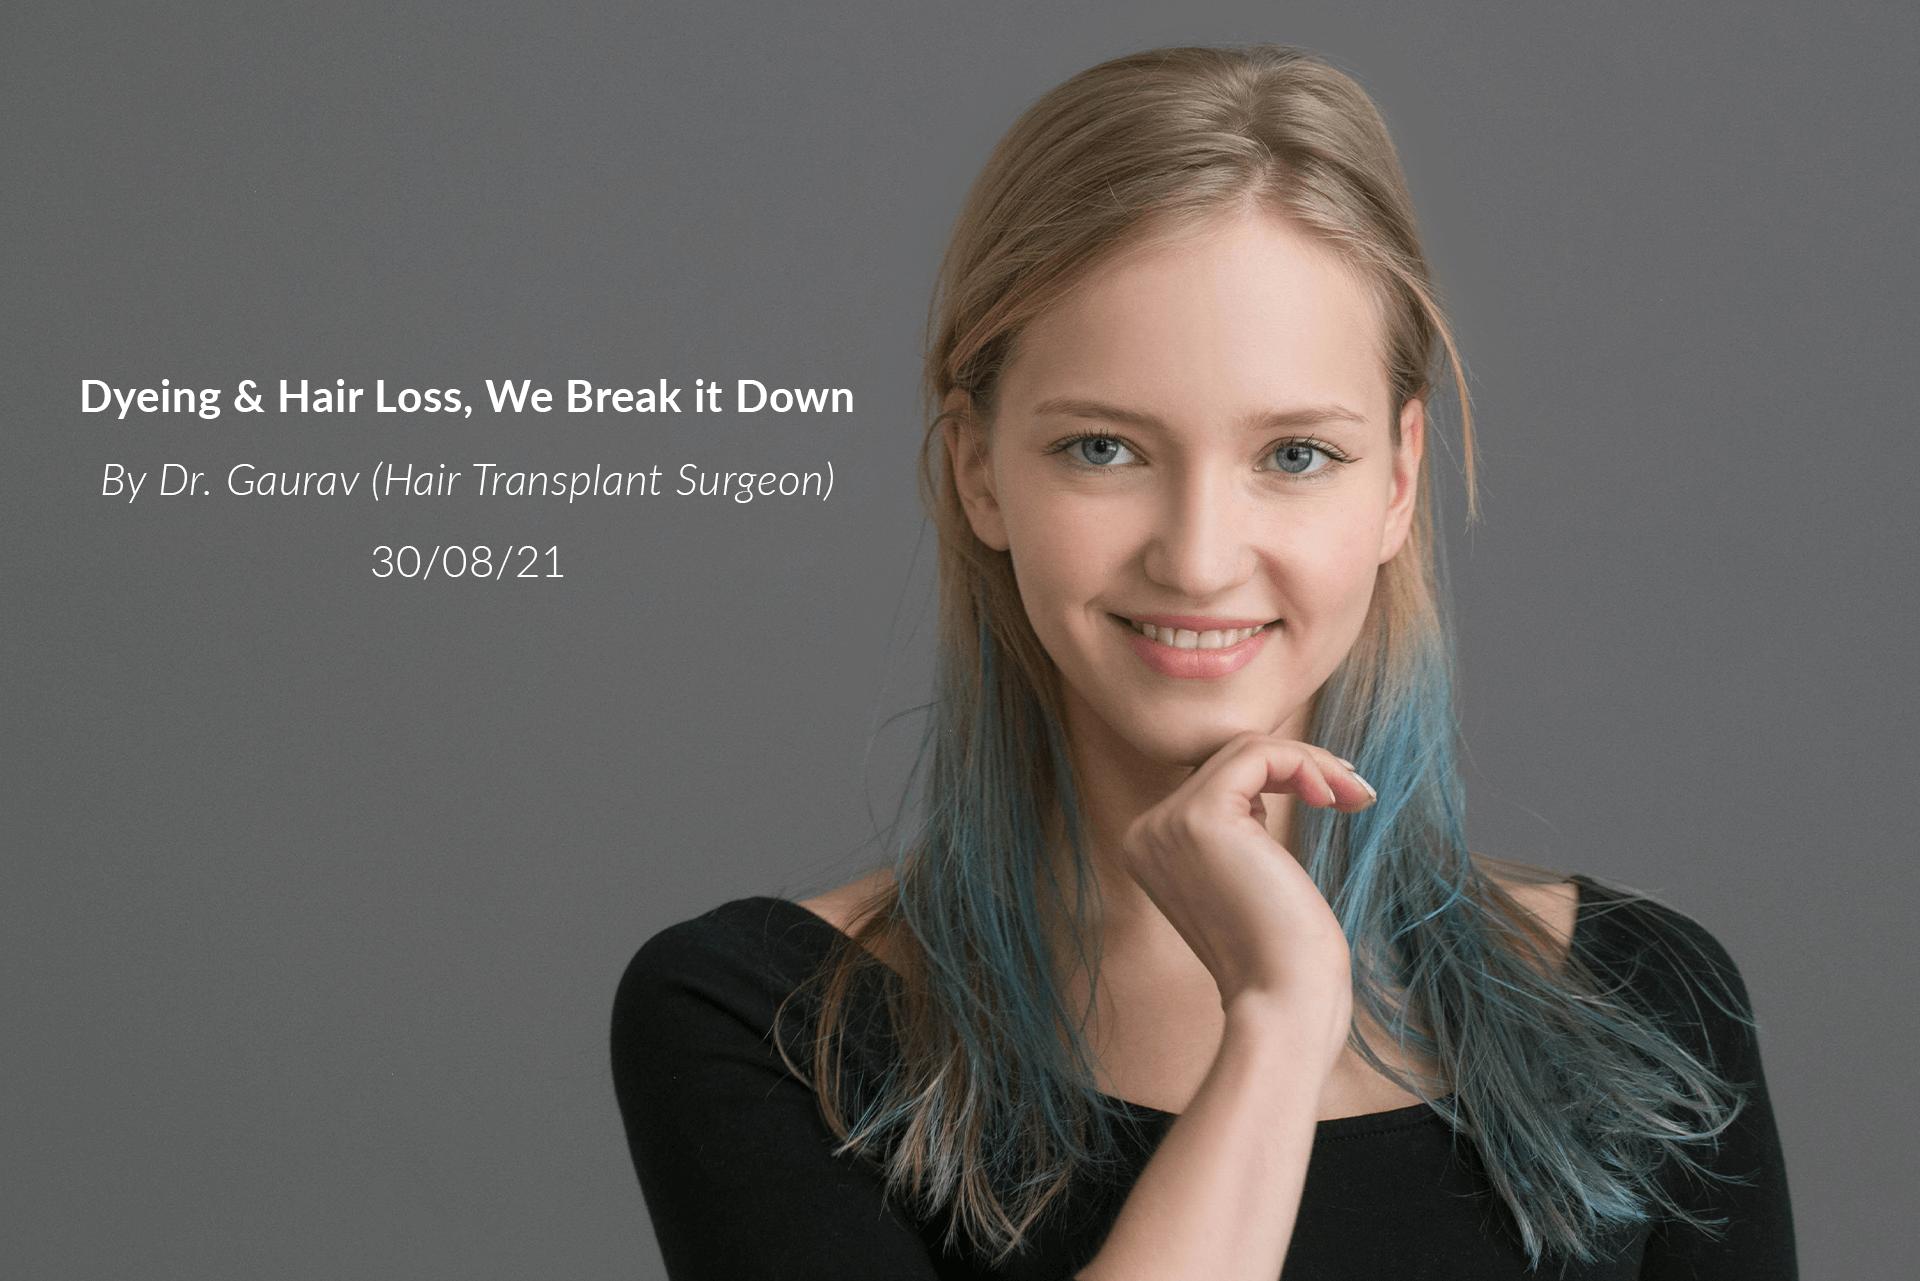 Dyeing & Hair Loss, We Break it Down